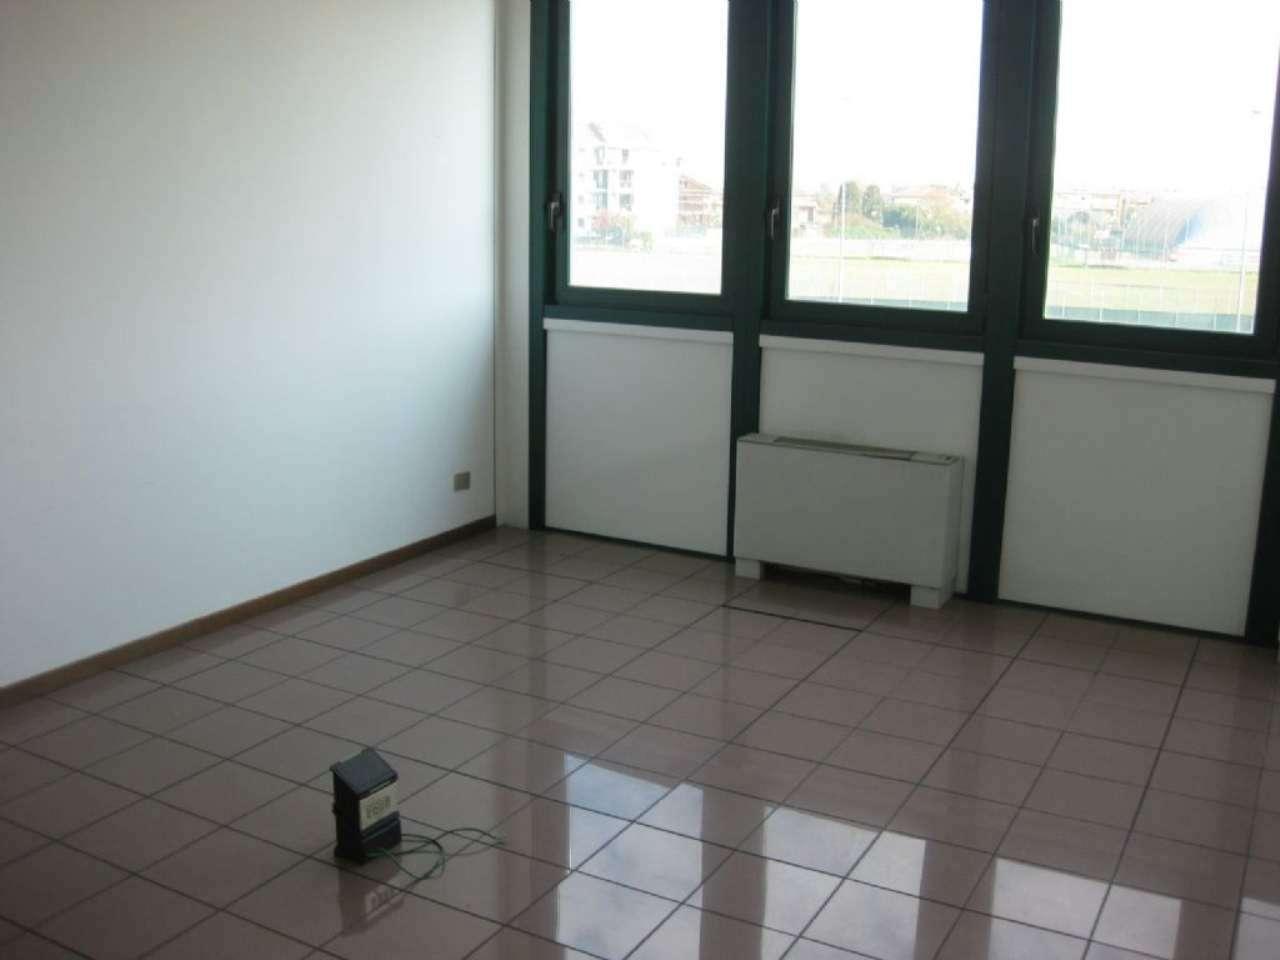 Ufficio / Studio in affitto a Bareggio, 1 locali, prezzo € 500 | PortaleAgenzieImmobiliari.it